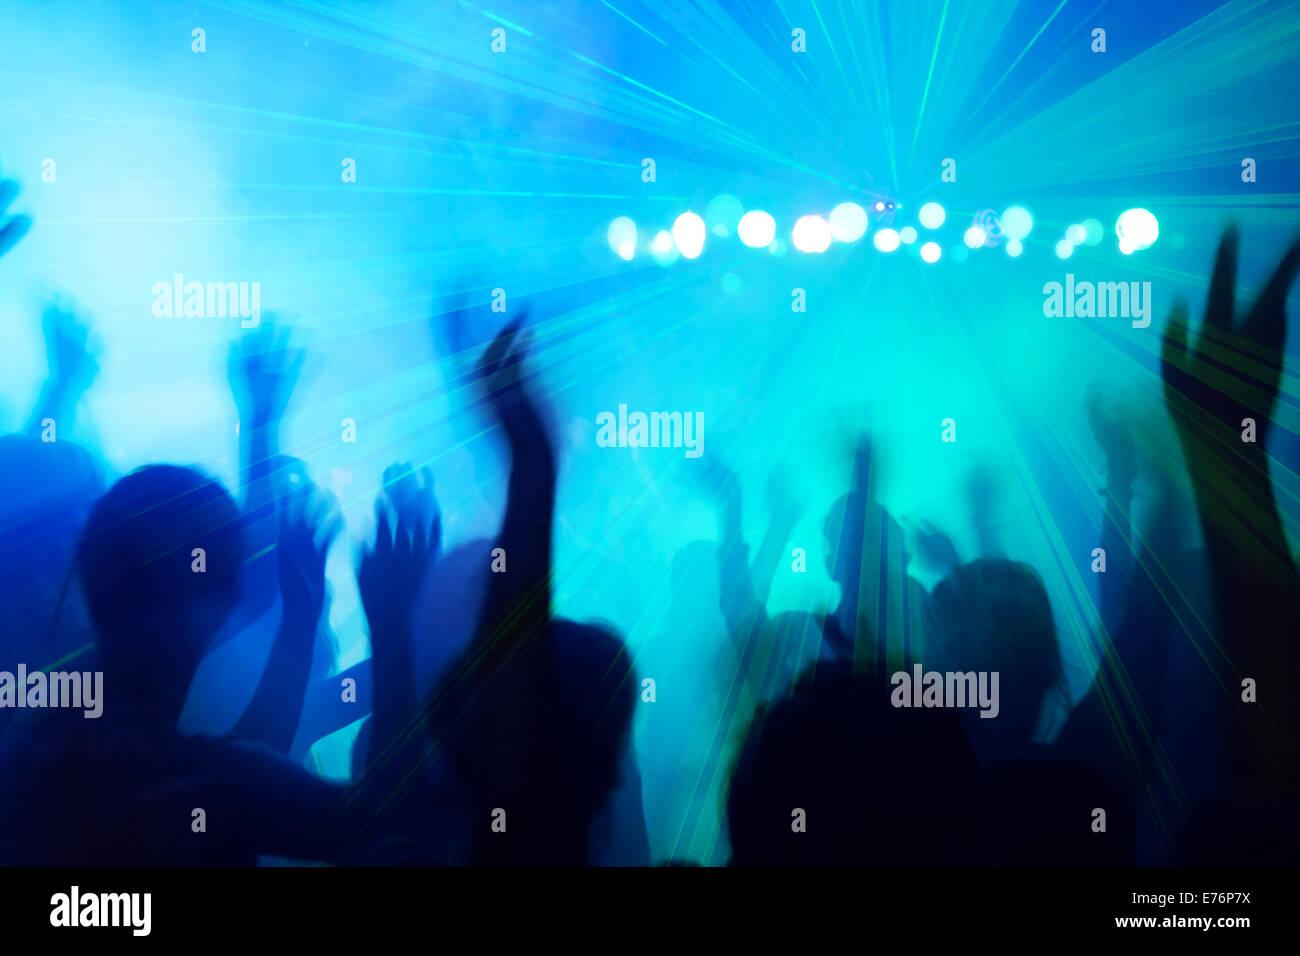 Silhouettes de personnes dansant au rythme disco. Photo Stock